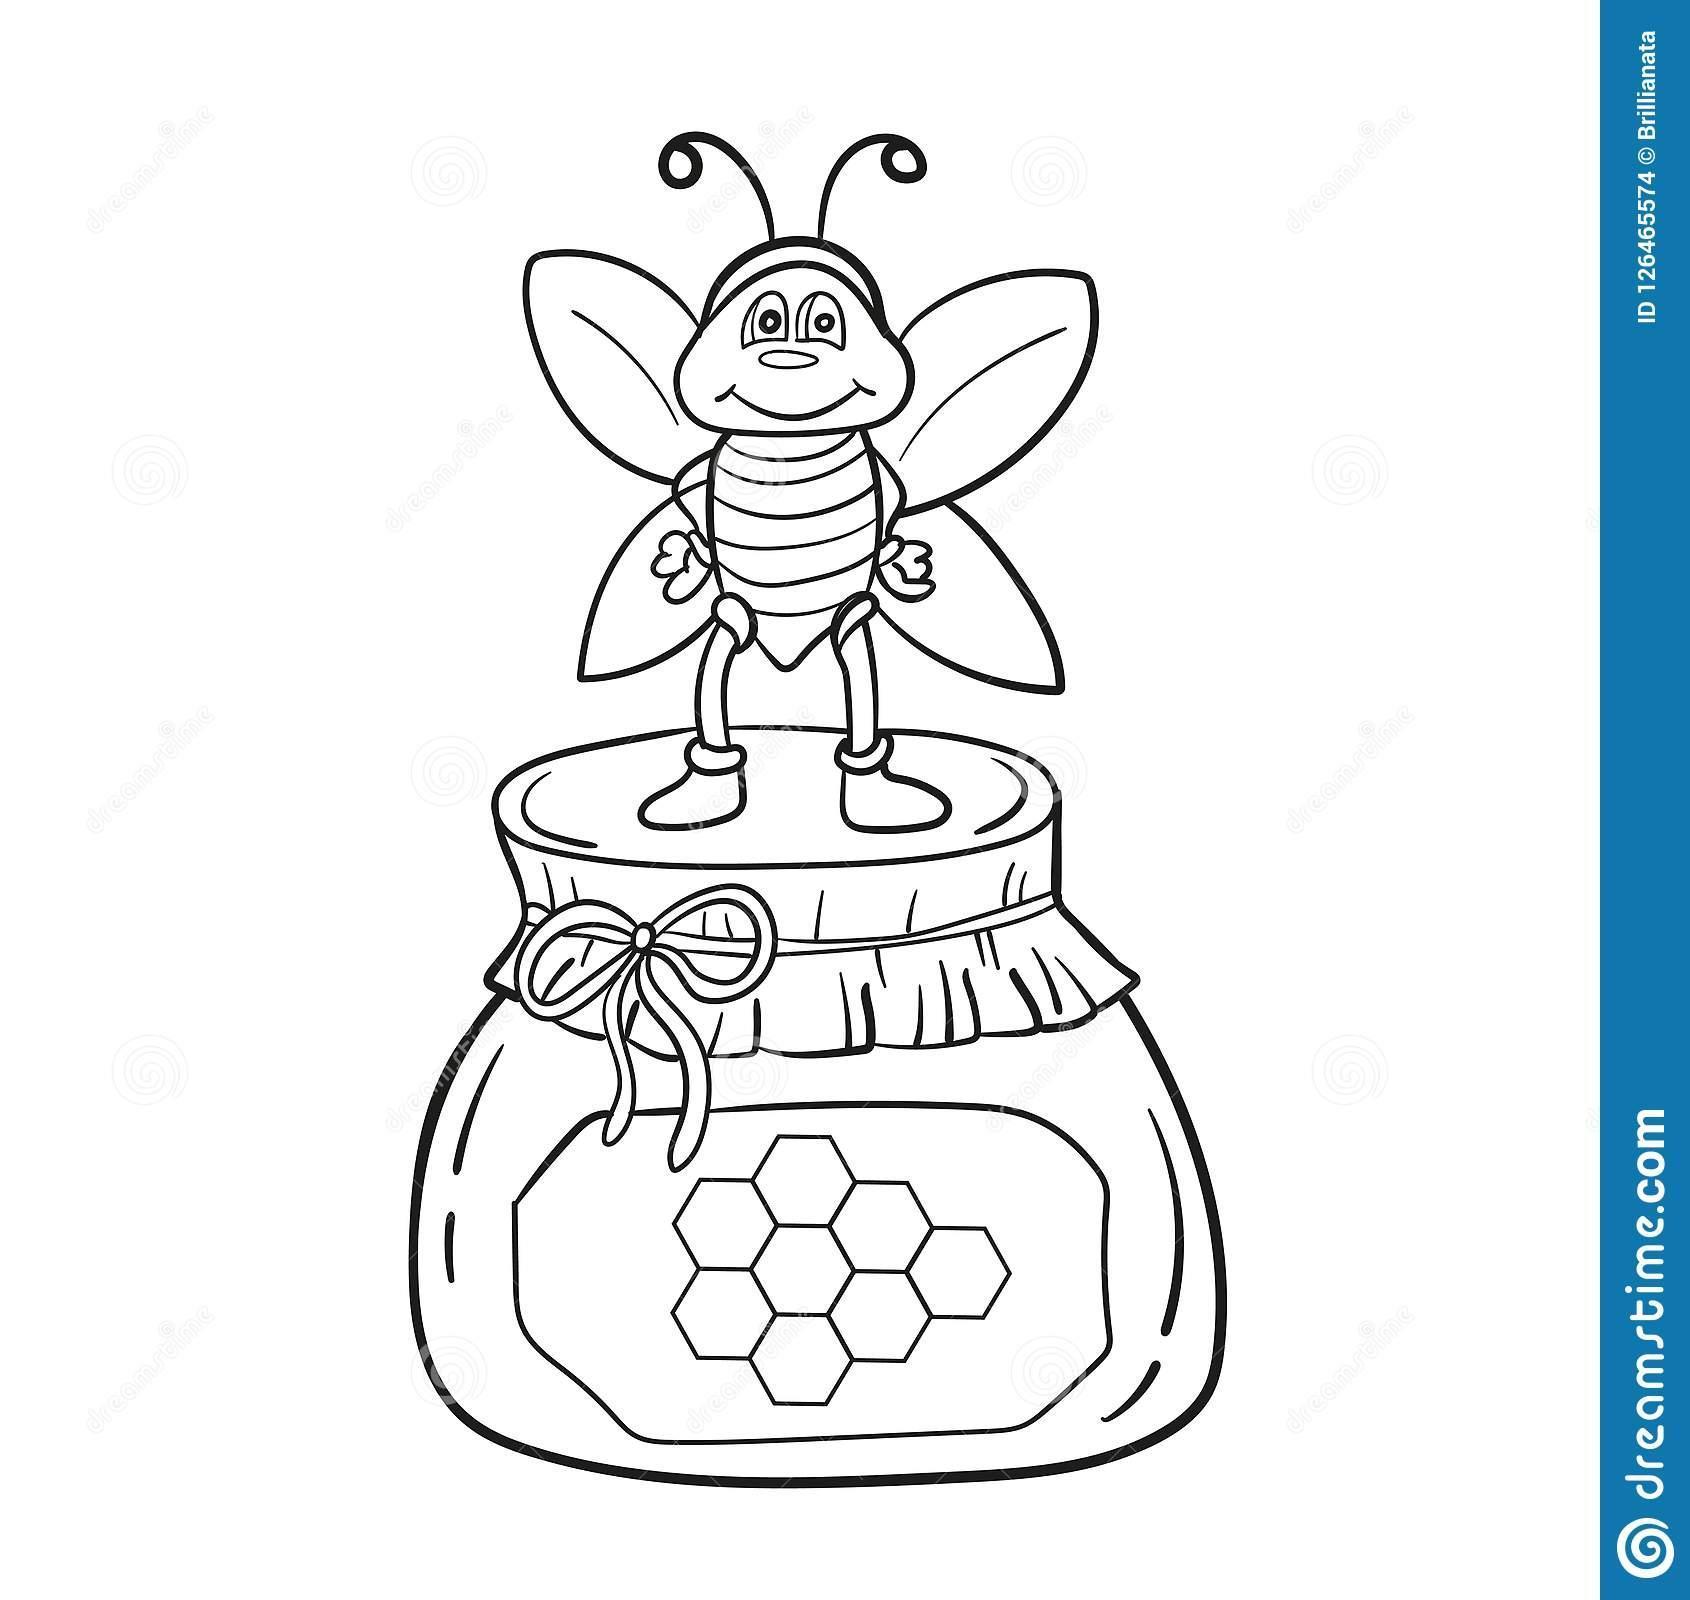 troc de troc recherche miel image 0